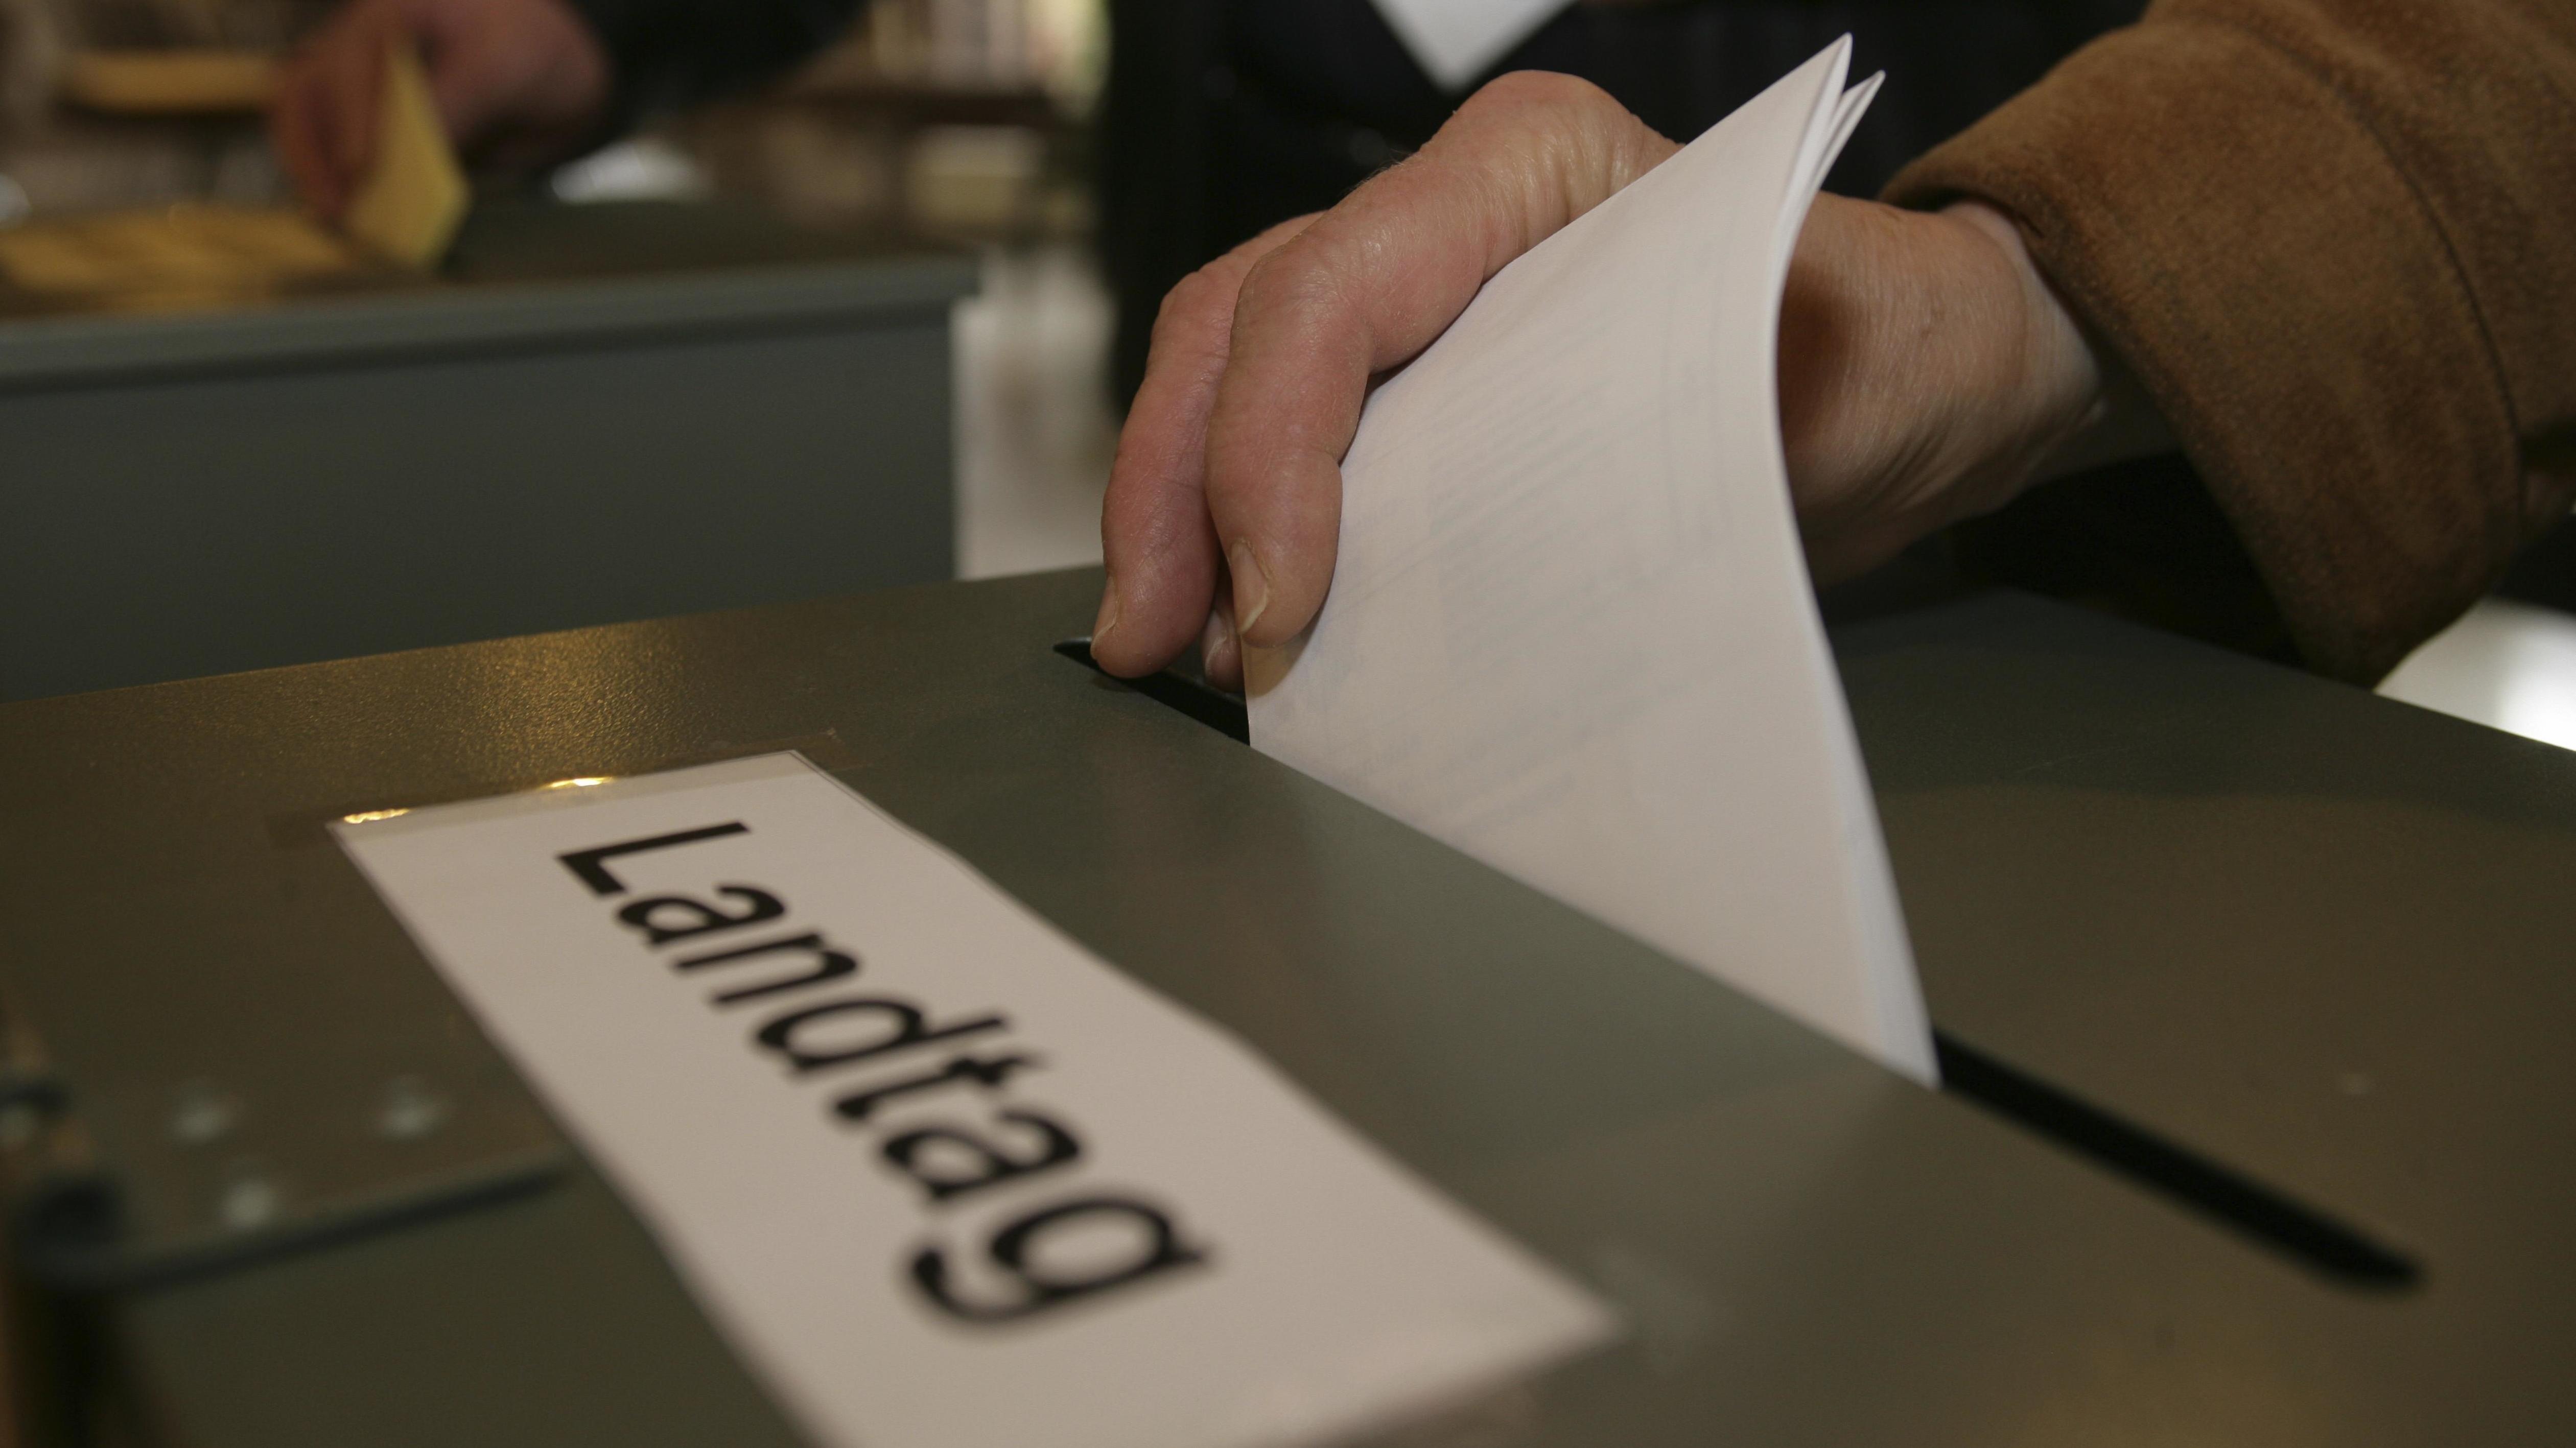 Landtagswahl kurios: 110% Wahlbeteiligung und Wahl nach 18 Uhr